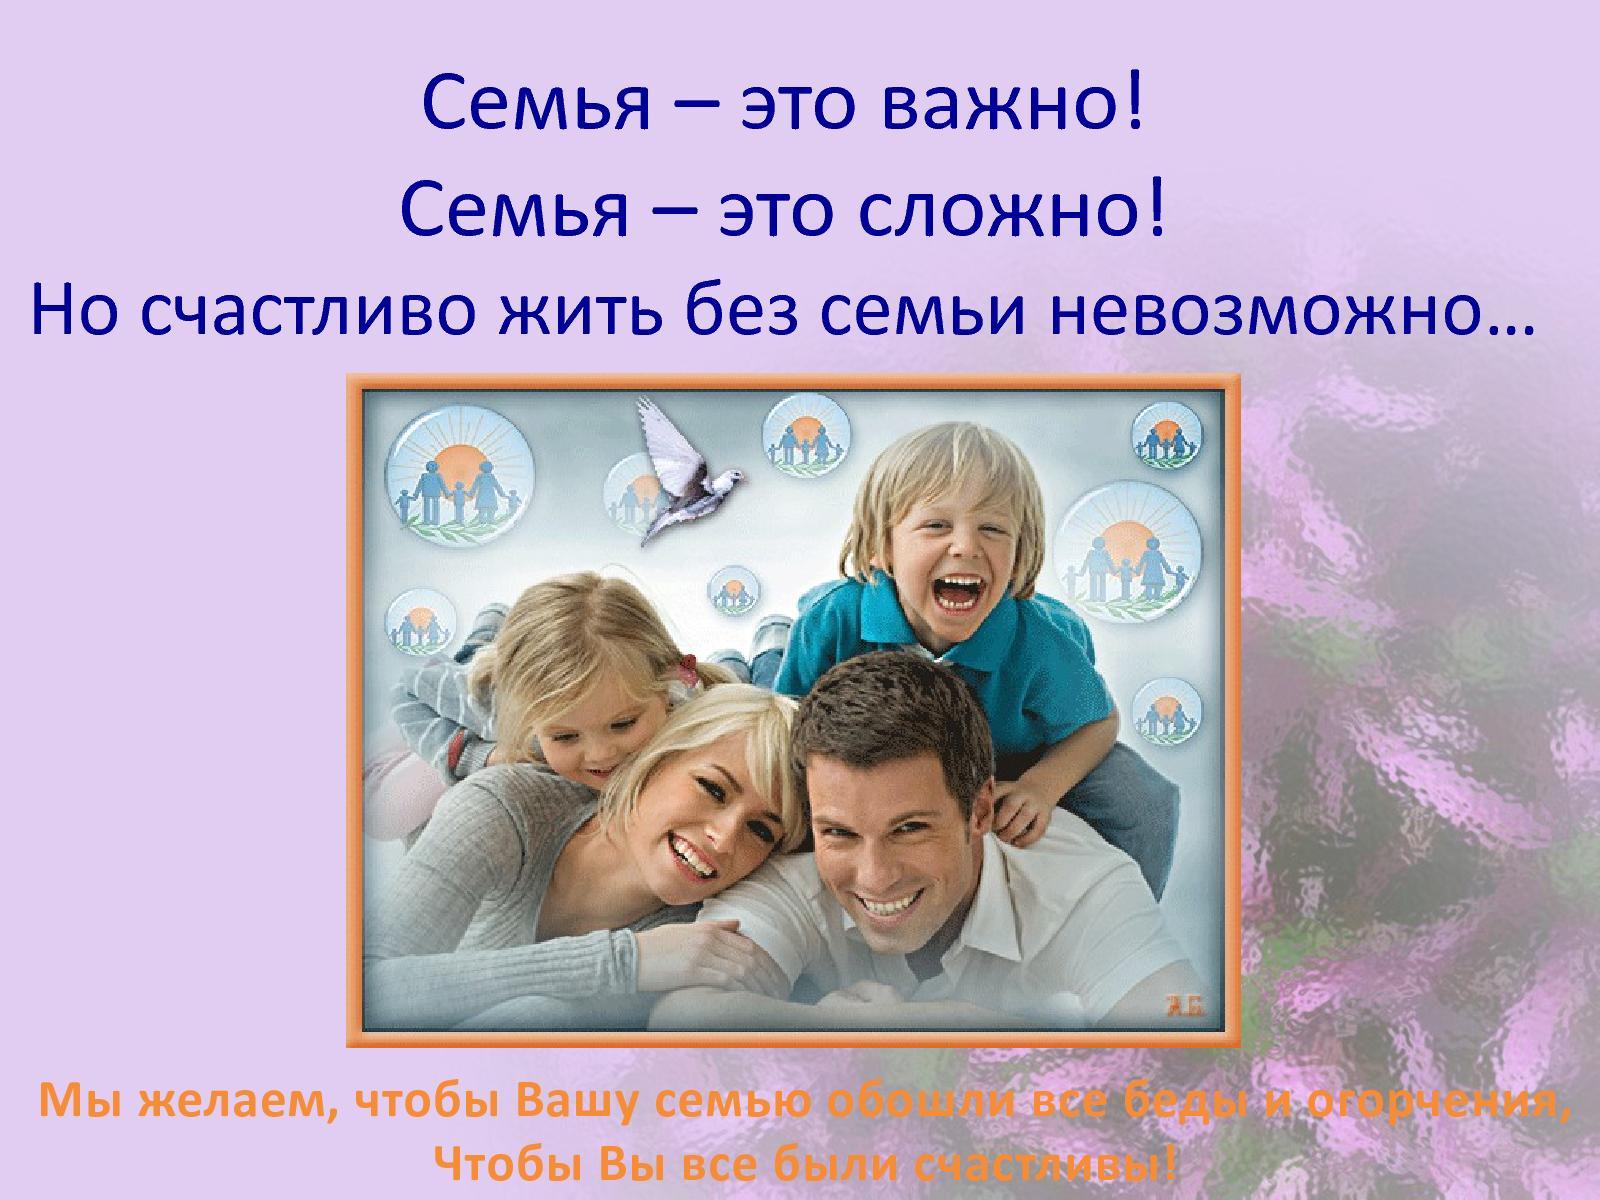 при картинки про семью для презентации со смыслом клике маленькую